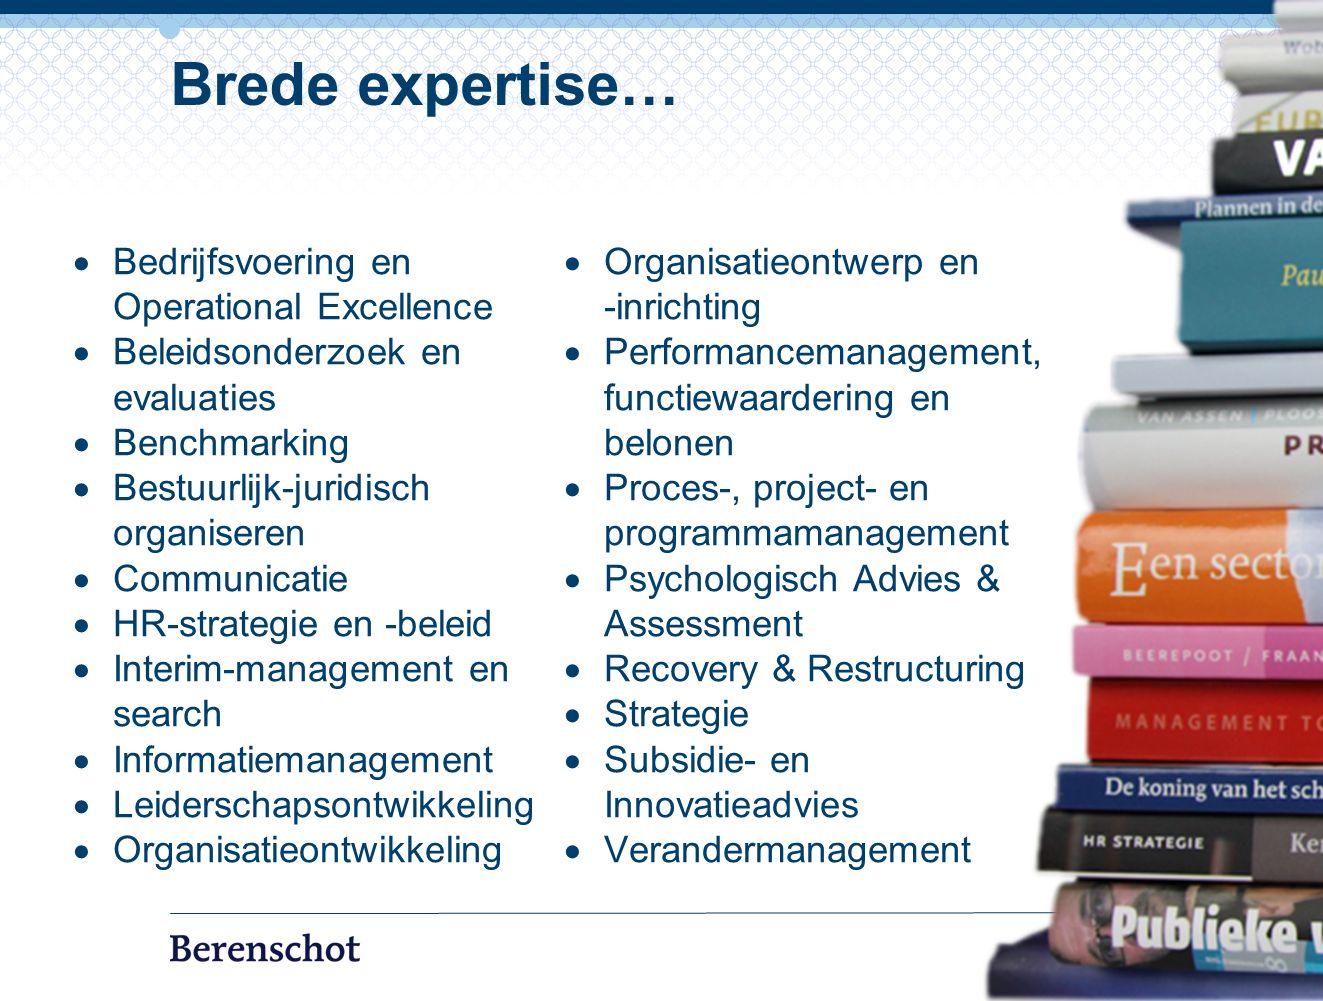  Bedrijfsvoering en Operational Excellence  Beleidsonderzoek en evaluaties  Benchmarking  Bestuurlijk-juridisch organiseren  Communicatie  HR-strategie en -beleid  Interim-management en search  Informatiemanagement  Leiderschapsontwikkeling  Organisatieontwikkeling  Organisatieontwerp en -inrichting  Performancemanagement, functiewaardering en belonen  Proces-, project- en programmamanagement  Psychologisch Advies & Assessment  Recovery & Restructuring  Strategie  Subsidie- en Innovatieadvies  Verandermanagement 7 Brede expertise…